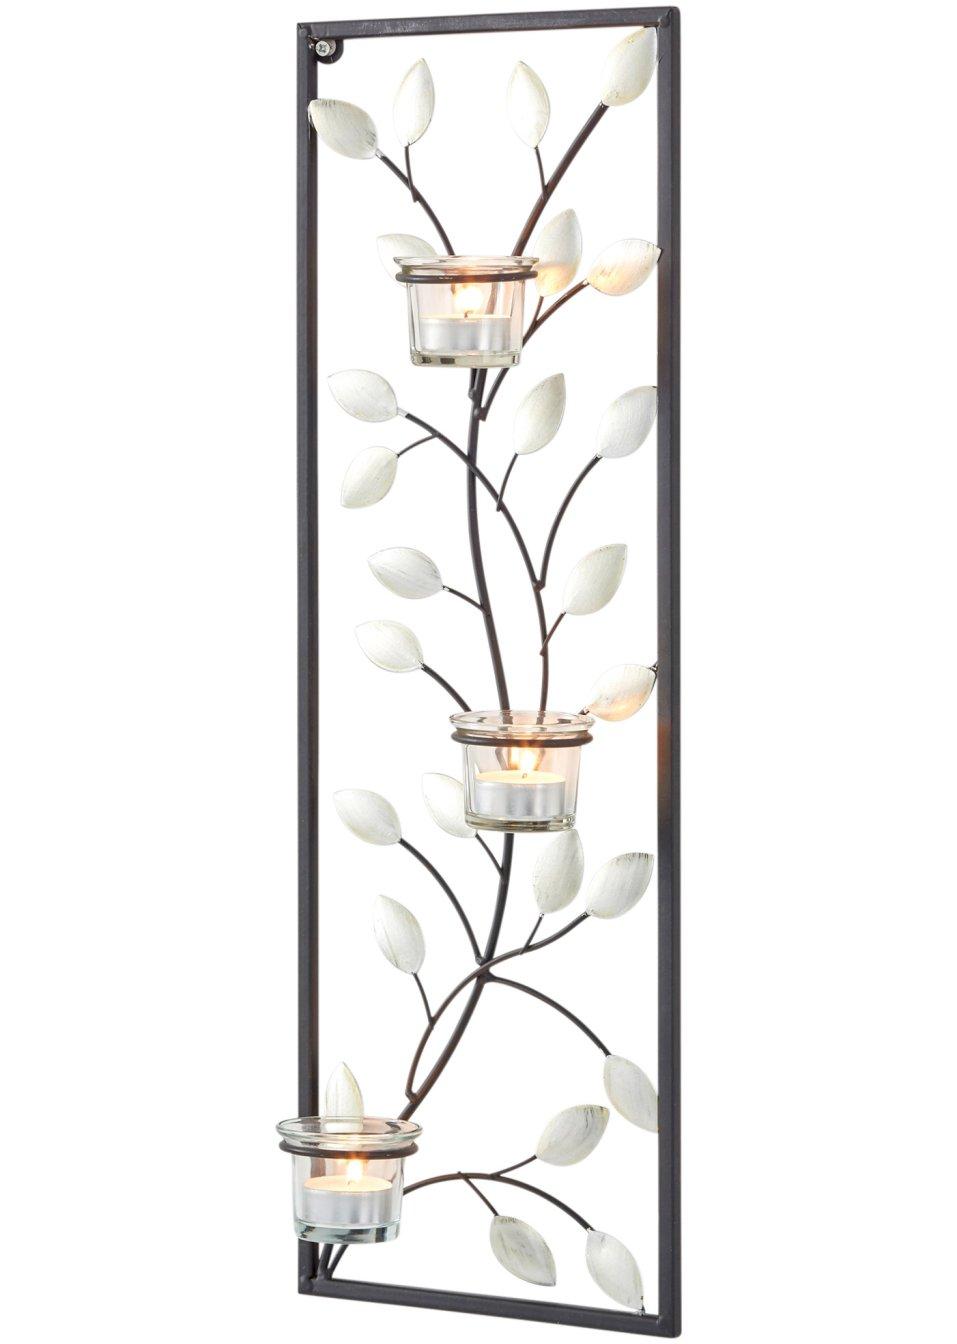 bougeoir mural lilly noir transparent bpc living commande online. Black Bedroom Furniture Sets. Home Design Ideas